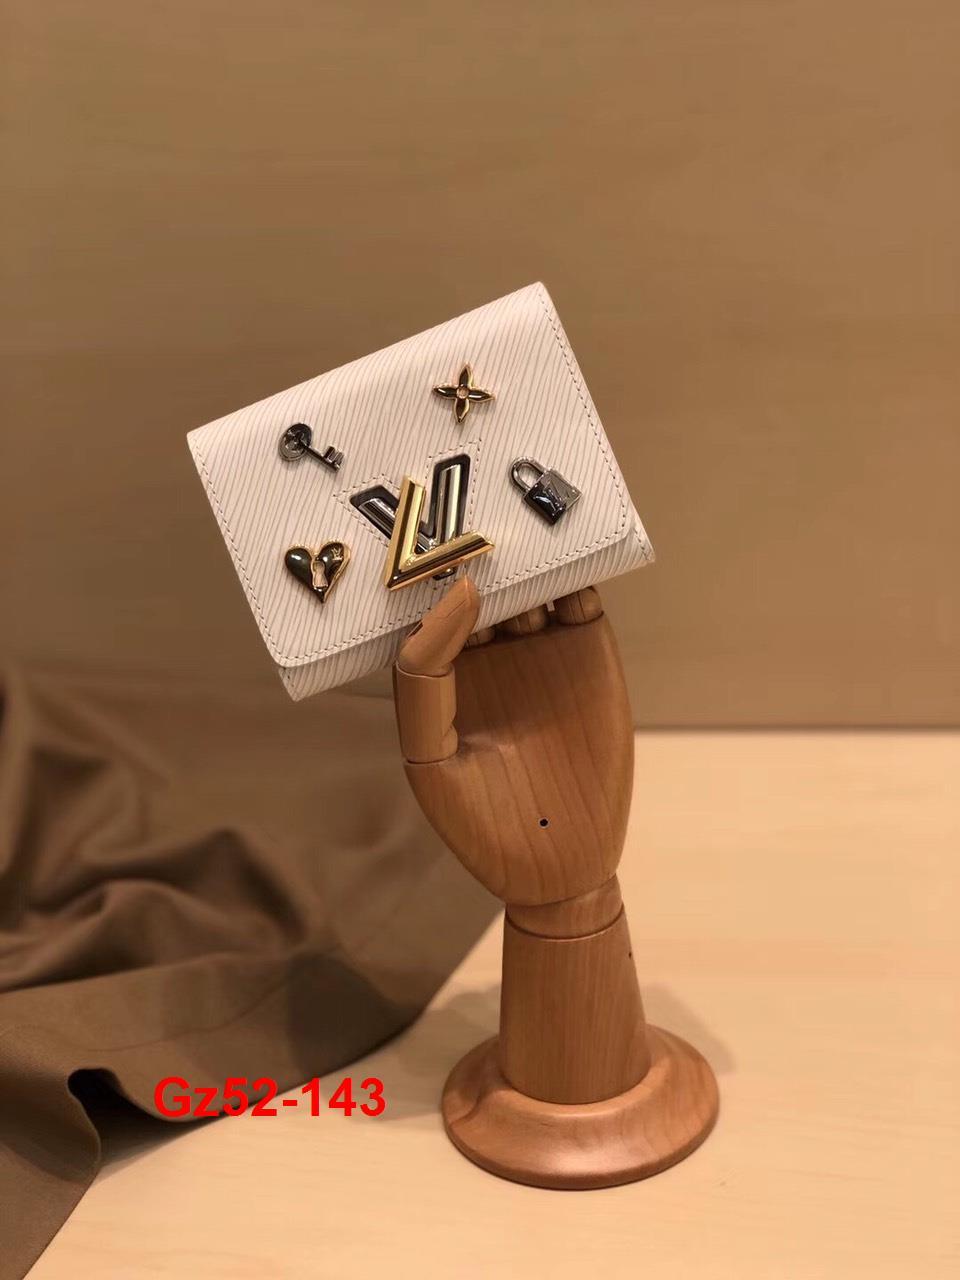 Gz52-143 Louis Vuitton túi ví size 12cm siêu cấp